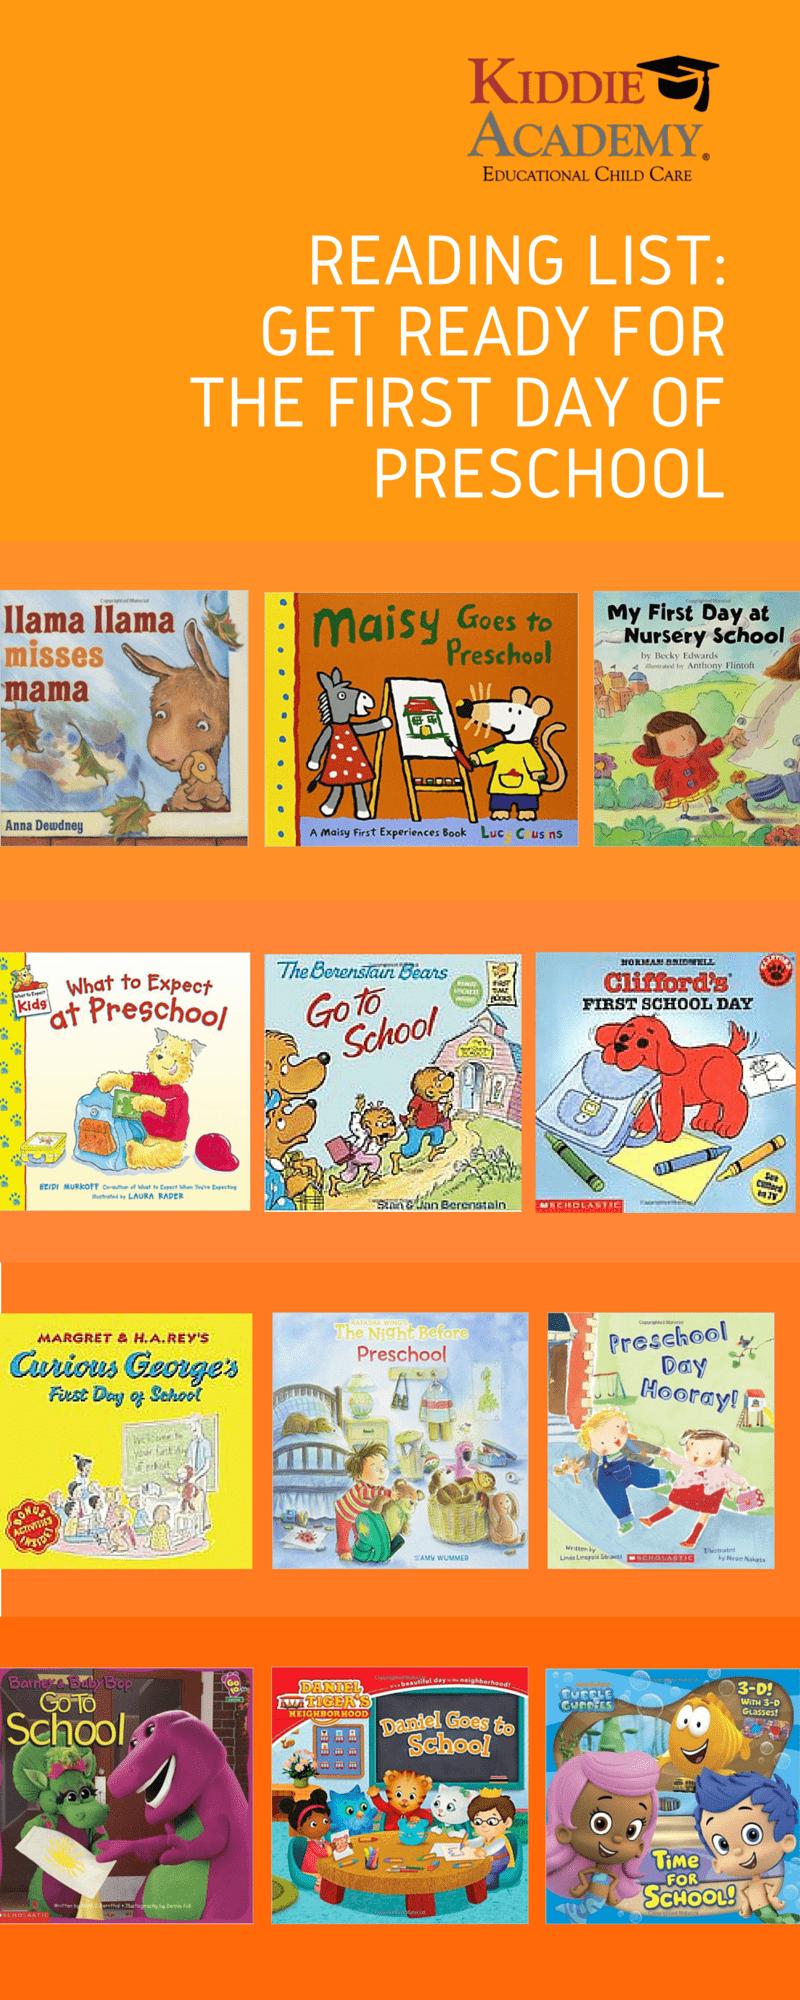 preschool-readng